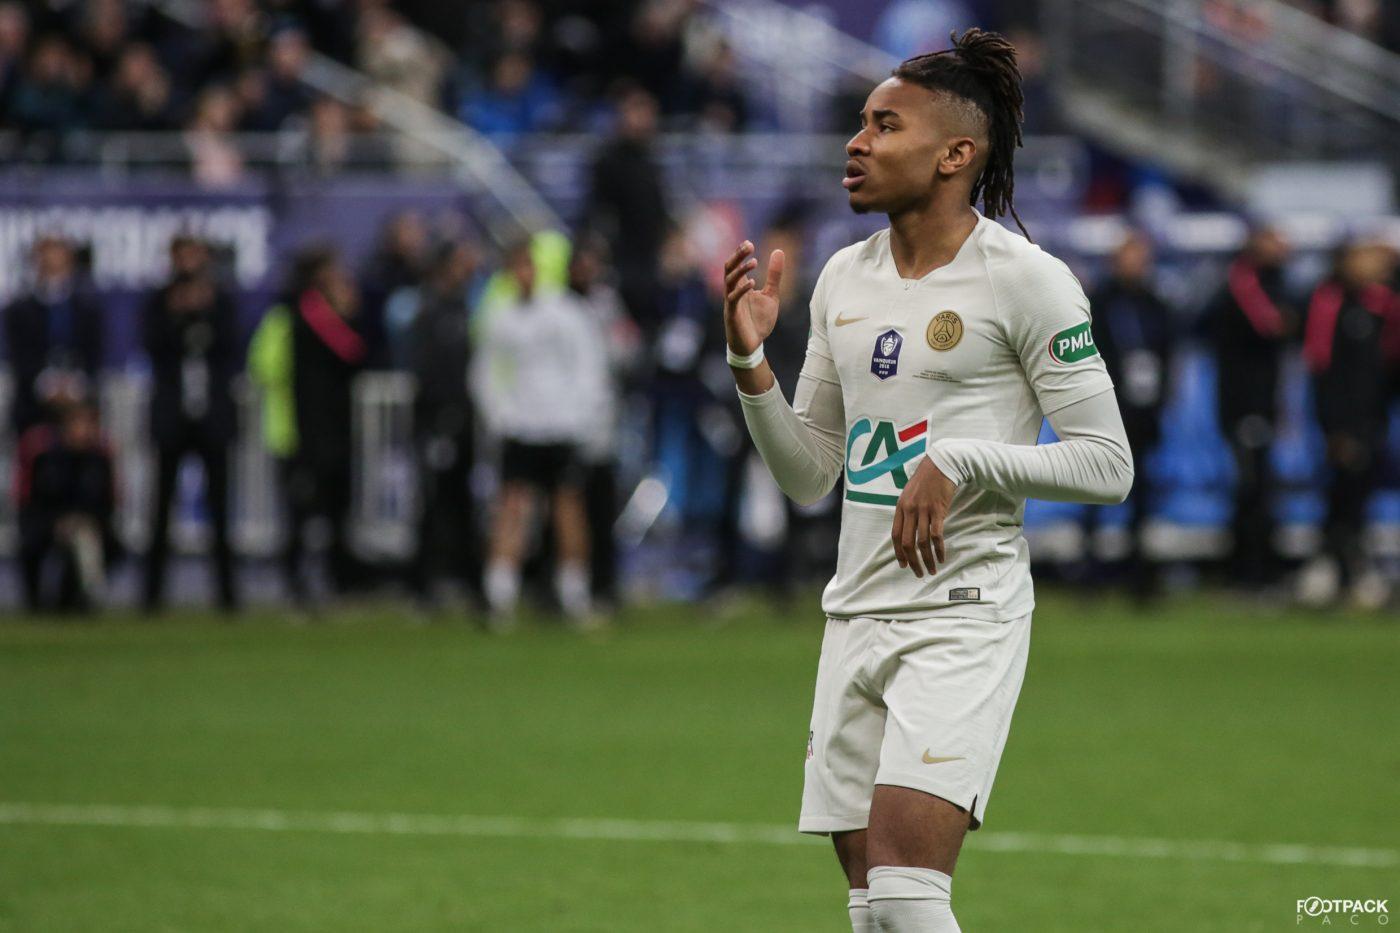 finale-coupe-de-france-2019-rennes-paris-saint-germain-57